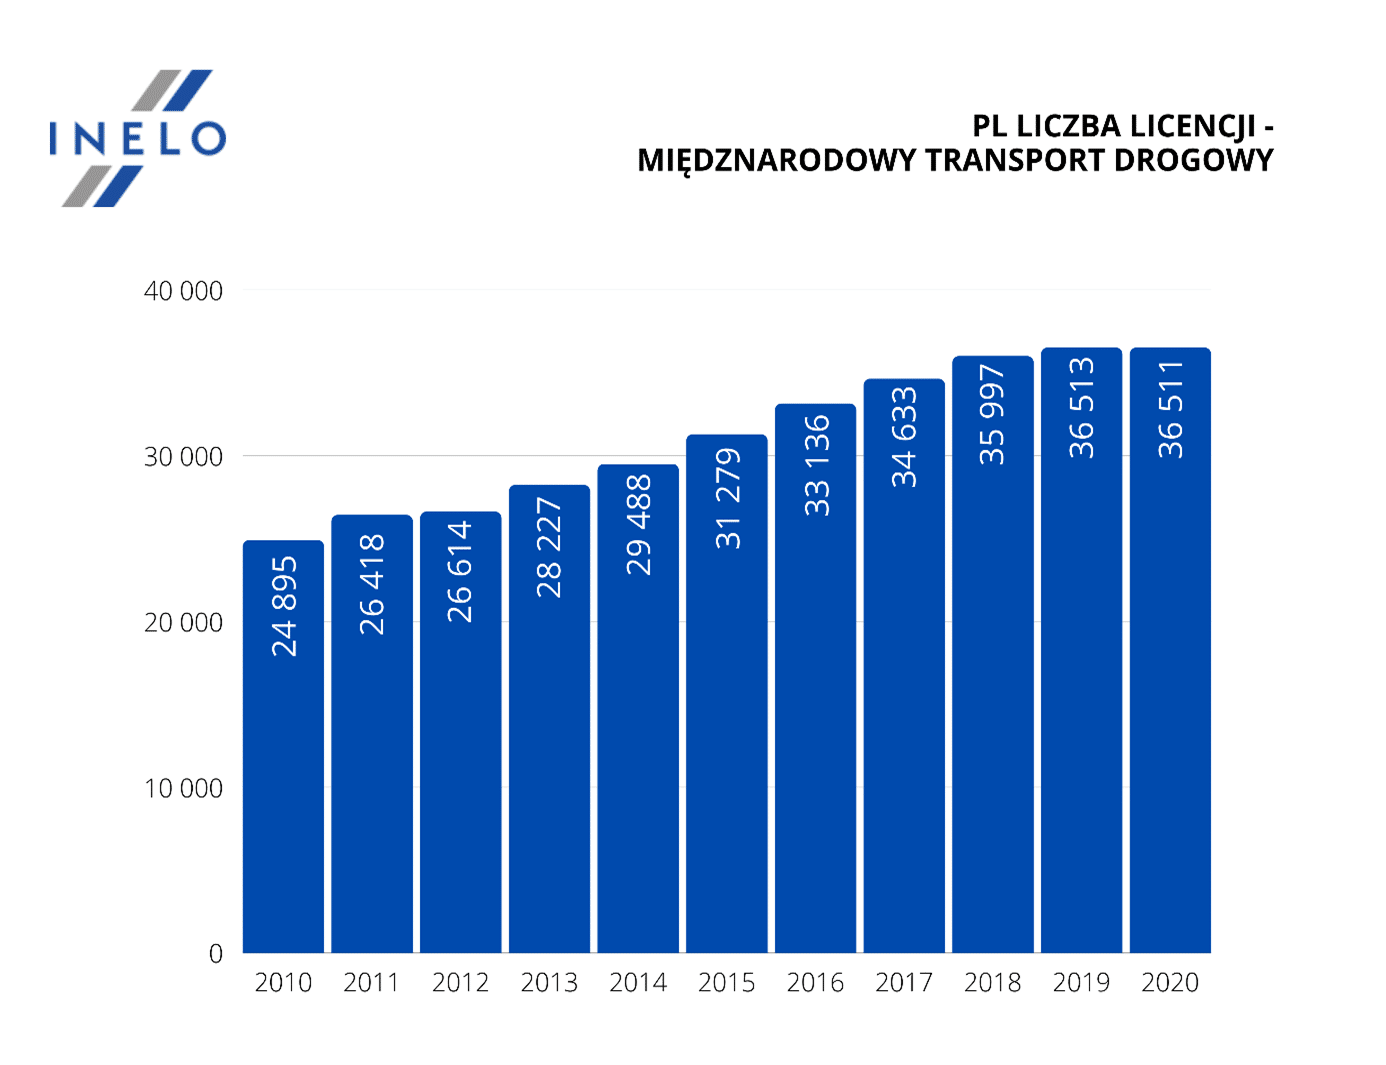 Jak rozwijały się firmy transportowe na przestrzeni lat